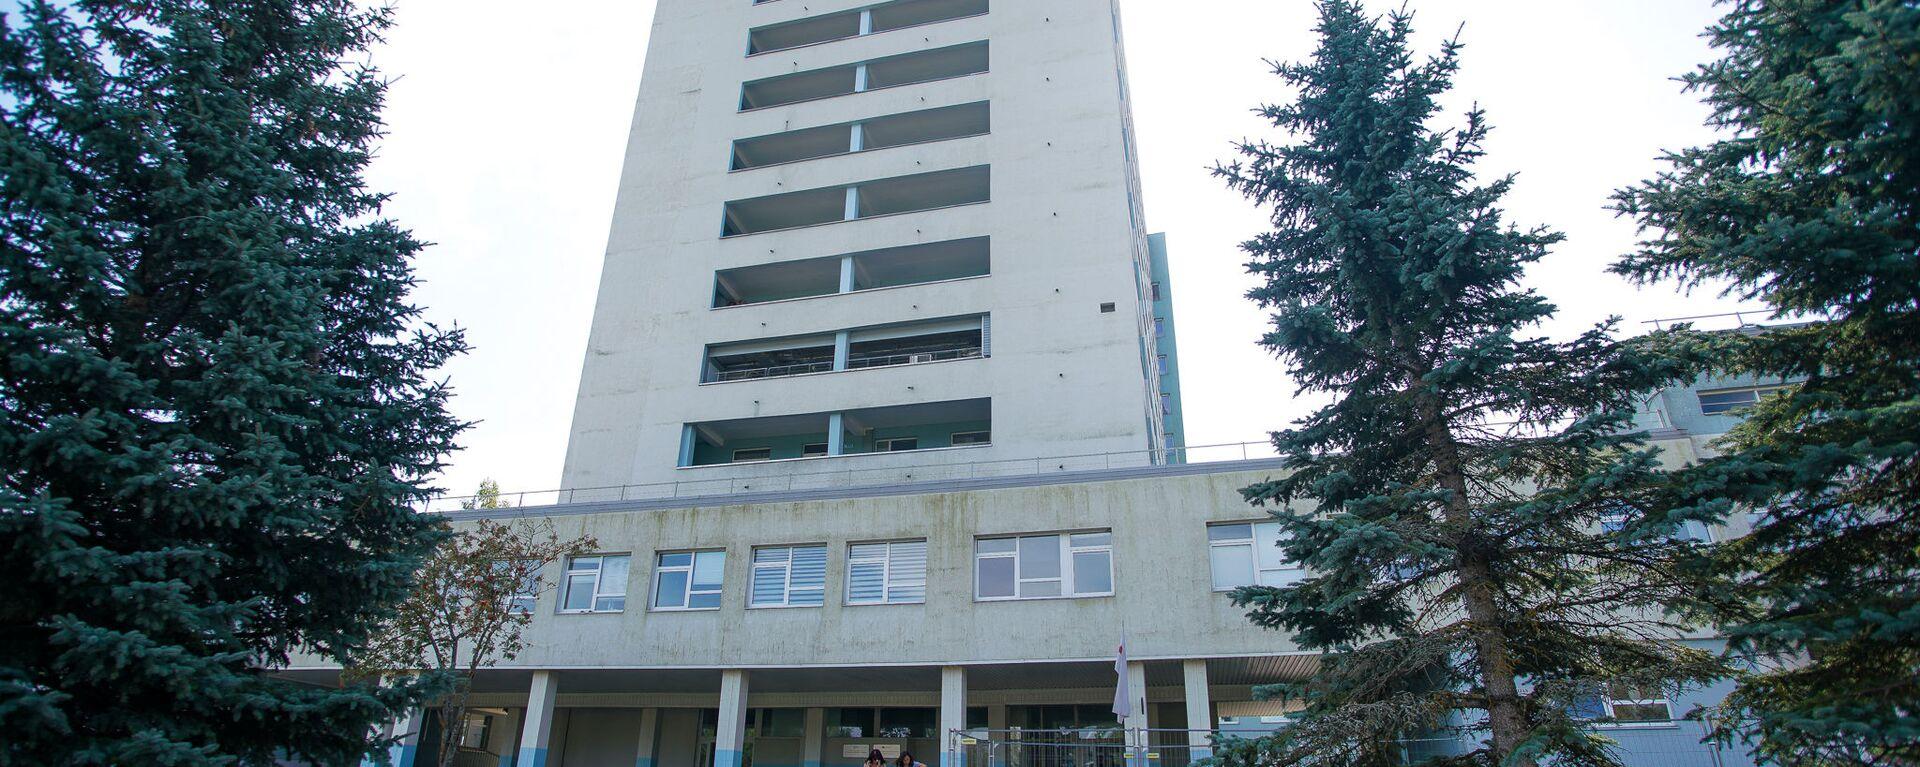 Даугавпилсская региональная больница - Sputnik Латвия, 1920, 17.09.2021